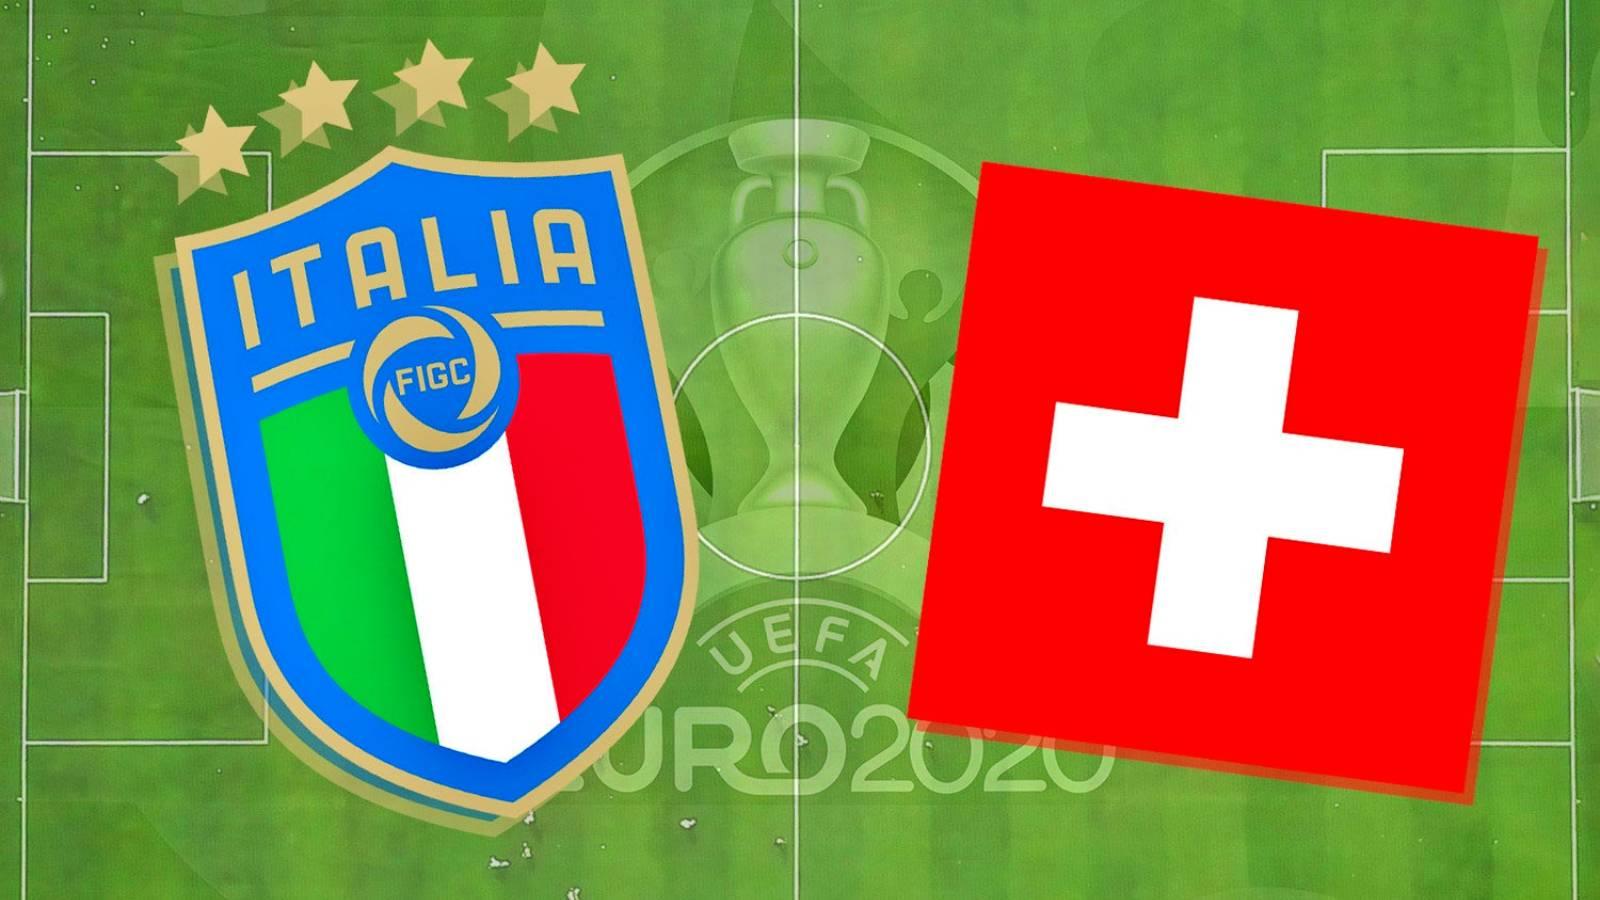 ITALIA - ELVETIA LIVE PRO TV EURO 2020